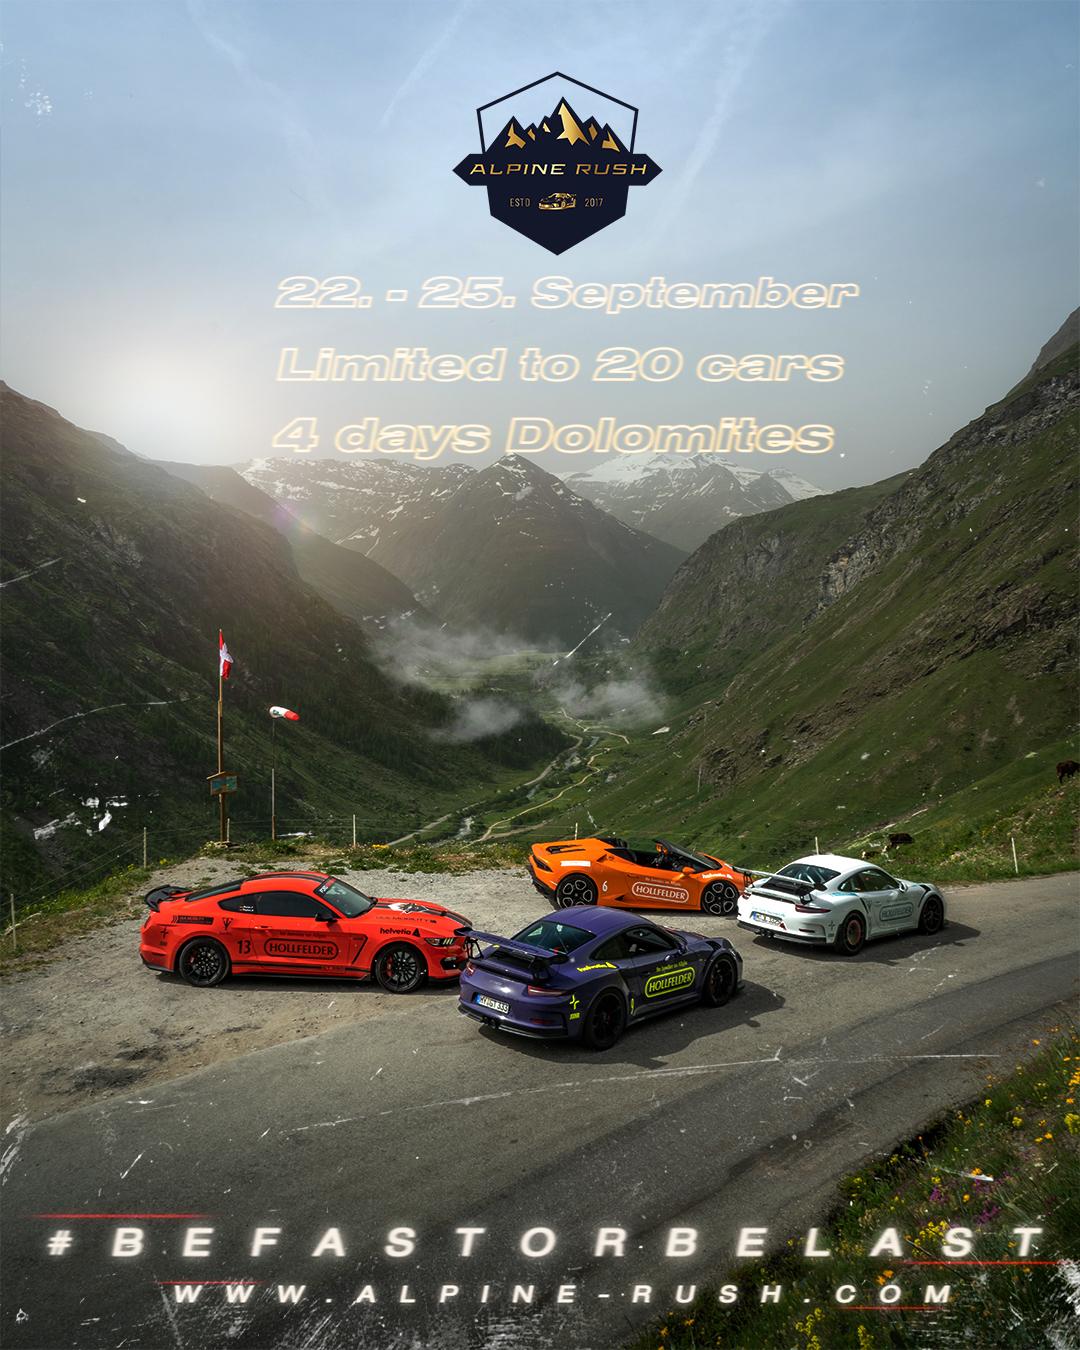 Alpine Rush - Die Sportwagentour mit exklusiven Fahrzeugen durch die Alpen